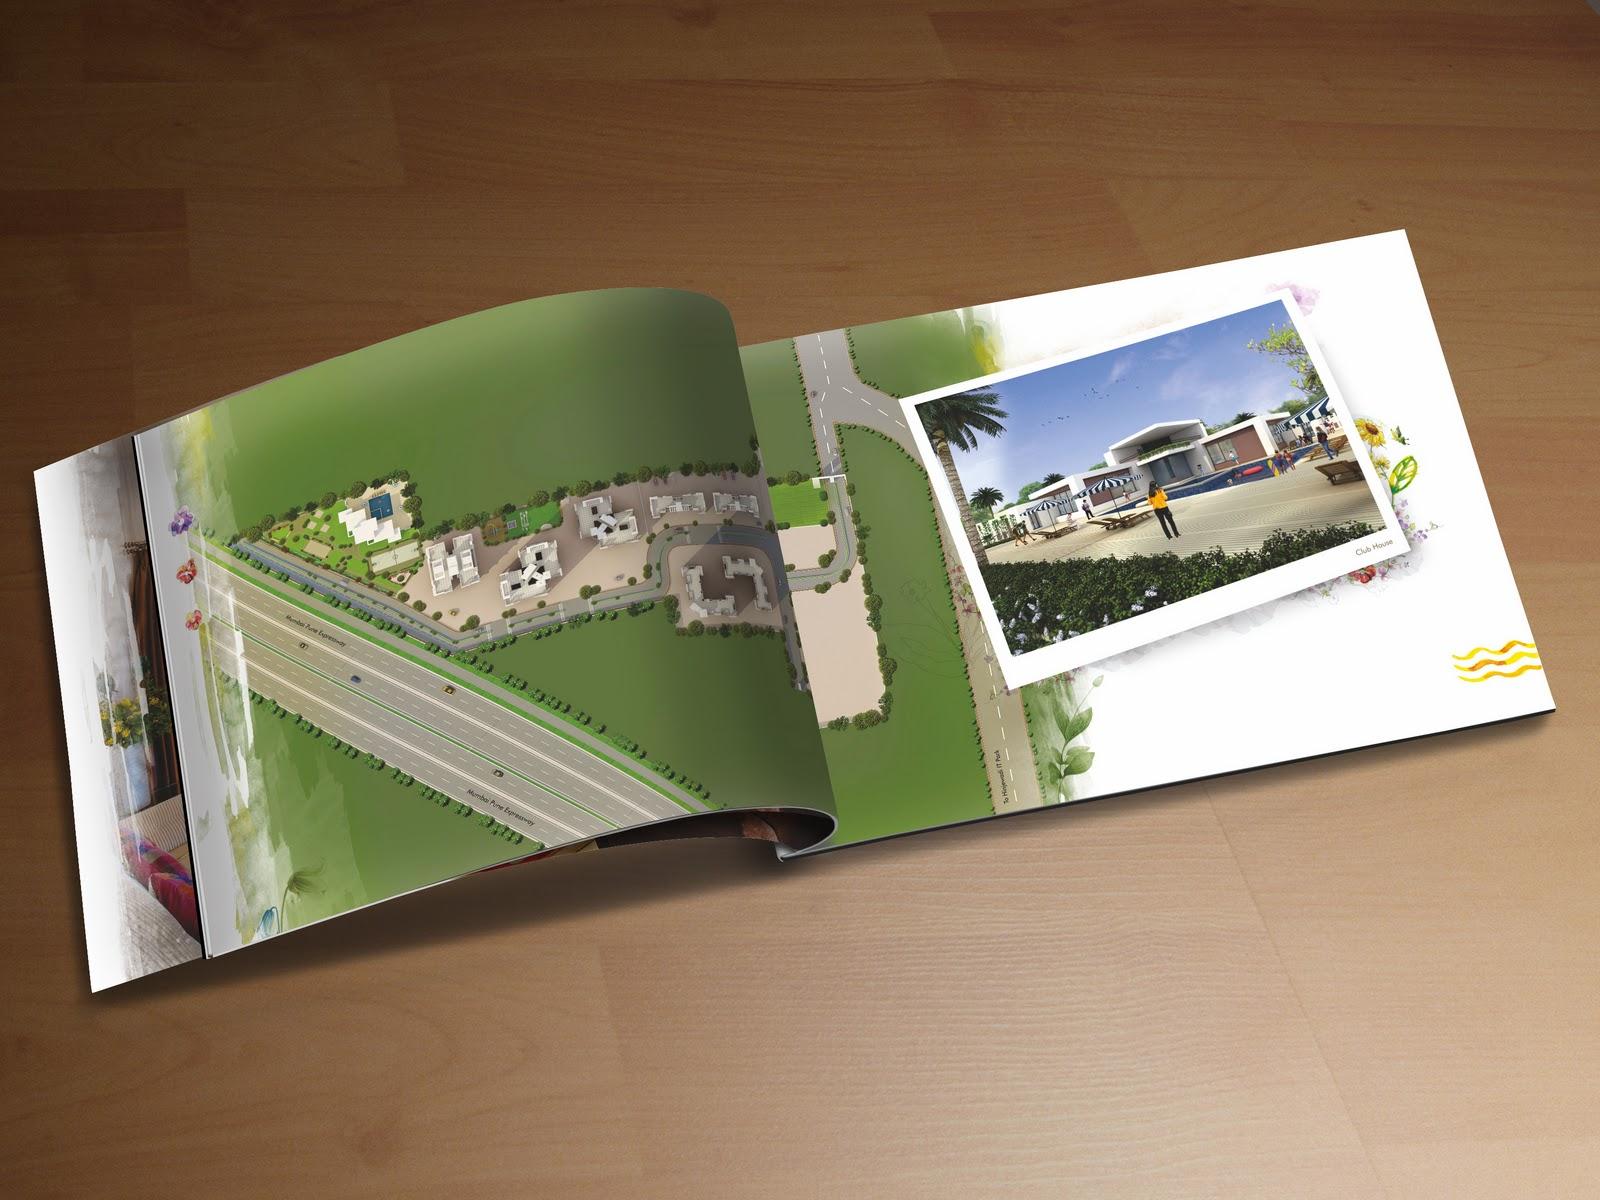 http://3.bp.blogspot.com/-obJE9x1MEvc/TsYRiK25OUI/AAAAAAAACVg/YOhnaEI-6Fg/s1600/winchime+brochure_09.jpg